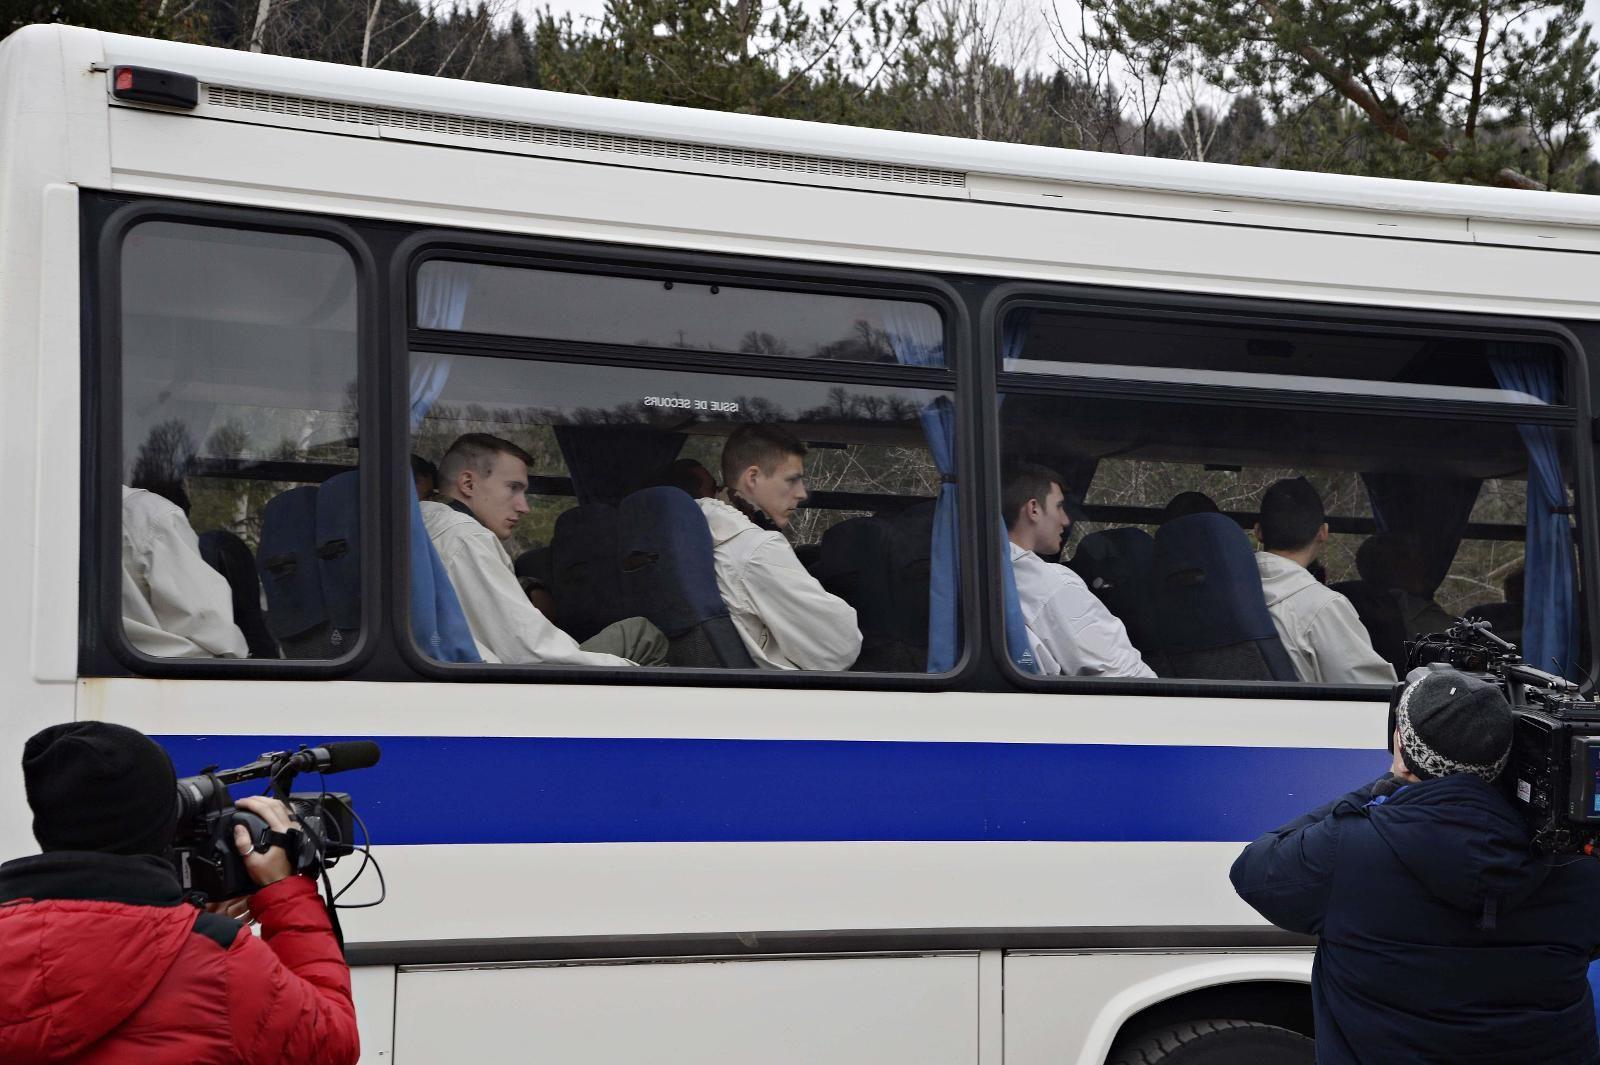 FRAKTET: Rettsmedisinere ble busset inn til Seyne-les-Alpes for å bli fraktet videre med helikopter til ulykkesstedet. 150 mennesker var på flyet som styrtet.